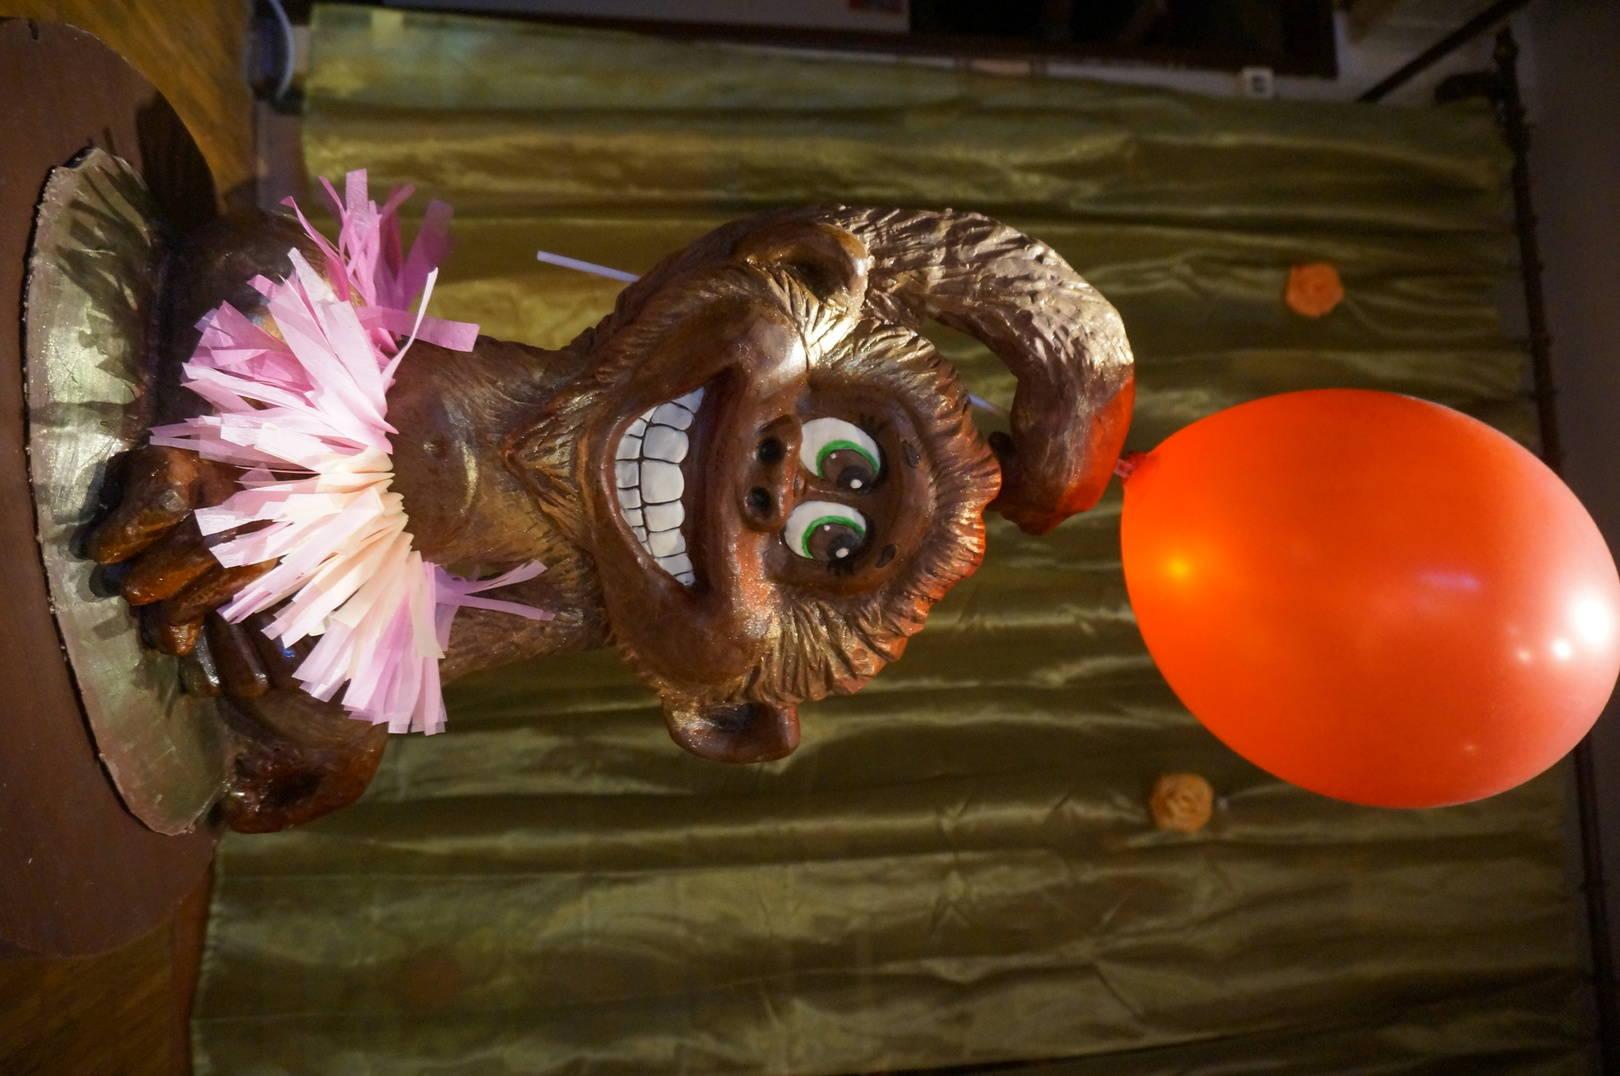 Проказница-обезьянкаак не захотела поворачиваться, лежит на боку и все тут. 10 кг темного шоколада с позолотой